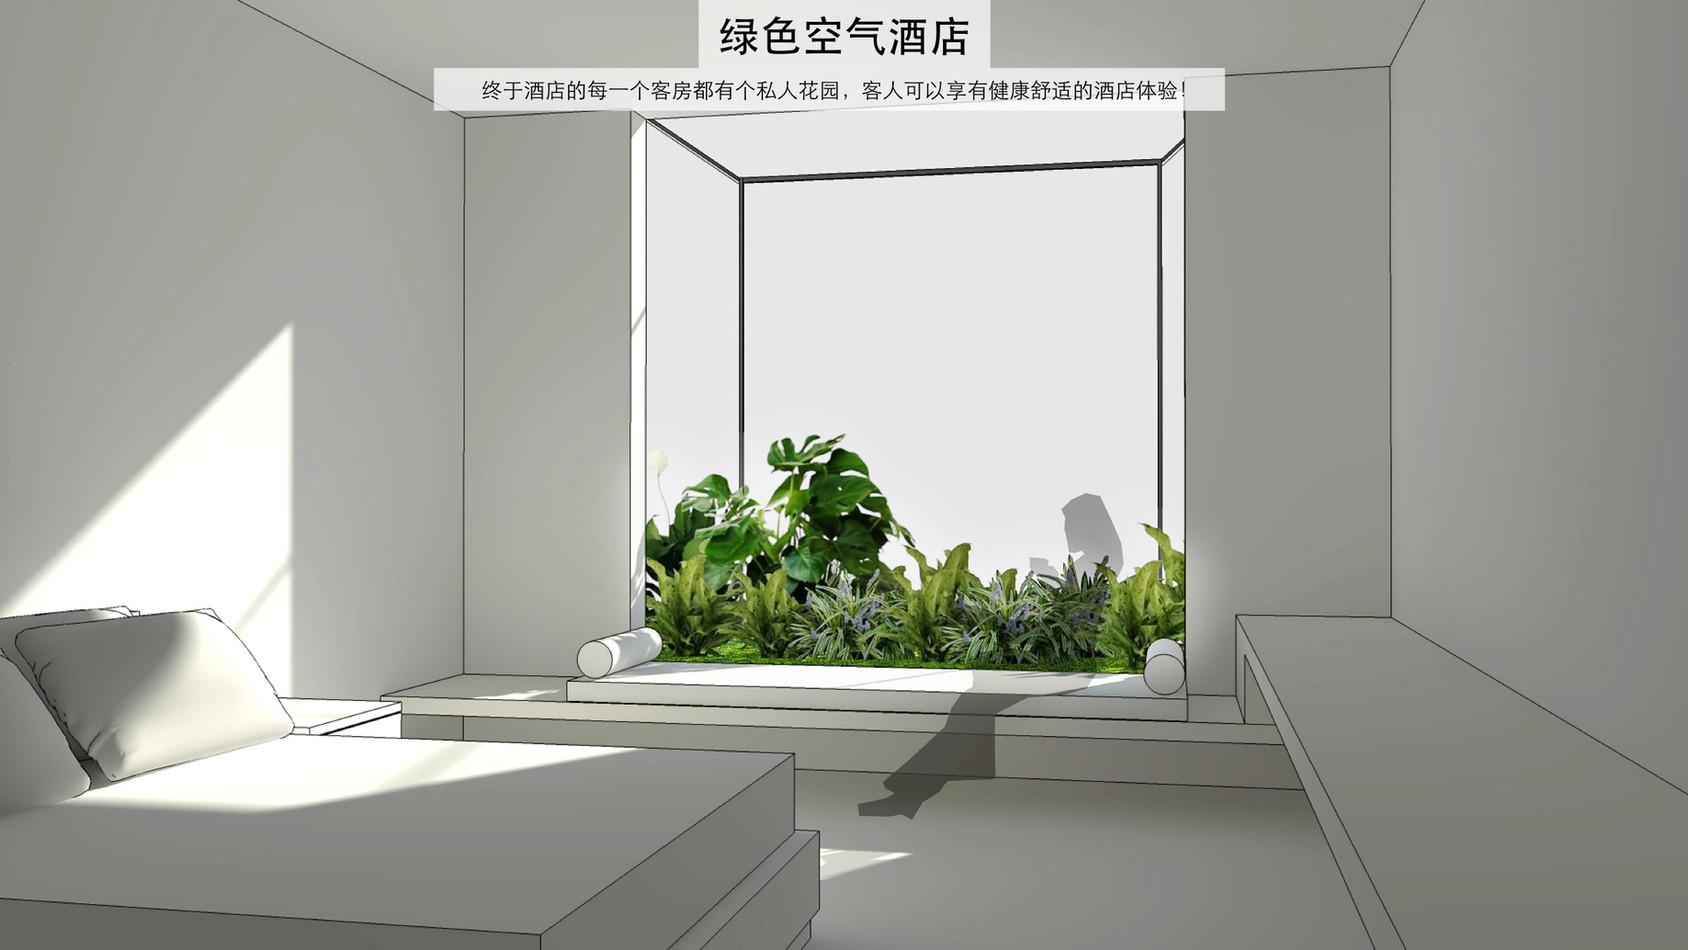 GREEN-AIR-HOTEL_ZH28.jpg